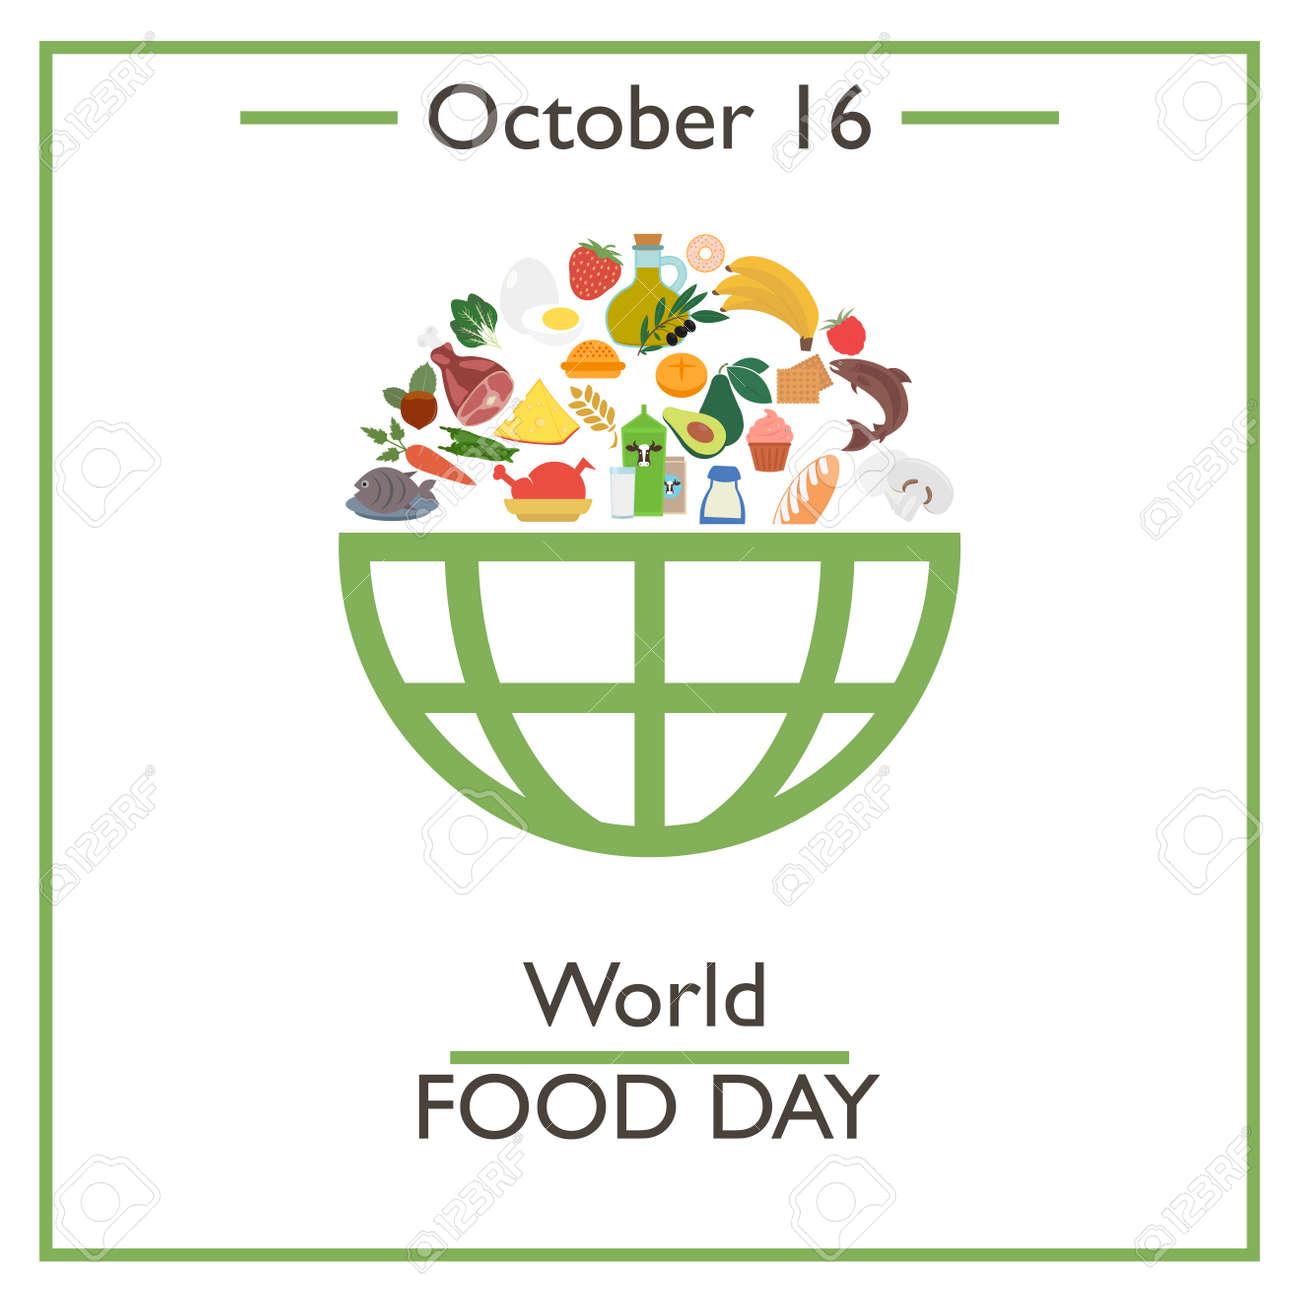 Dia Mundial De La Alimentacion 16 De Octubre Ilustracion Vectorial Para Disenar Tarjeta Bandera Cartel Y Calendario Ilustraciones Vectoriales Clip Art Vectorizado Libre De Derechos Image 64040132